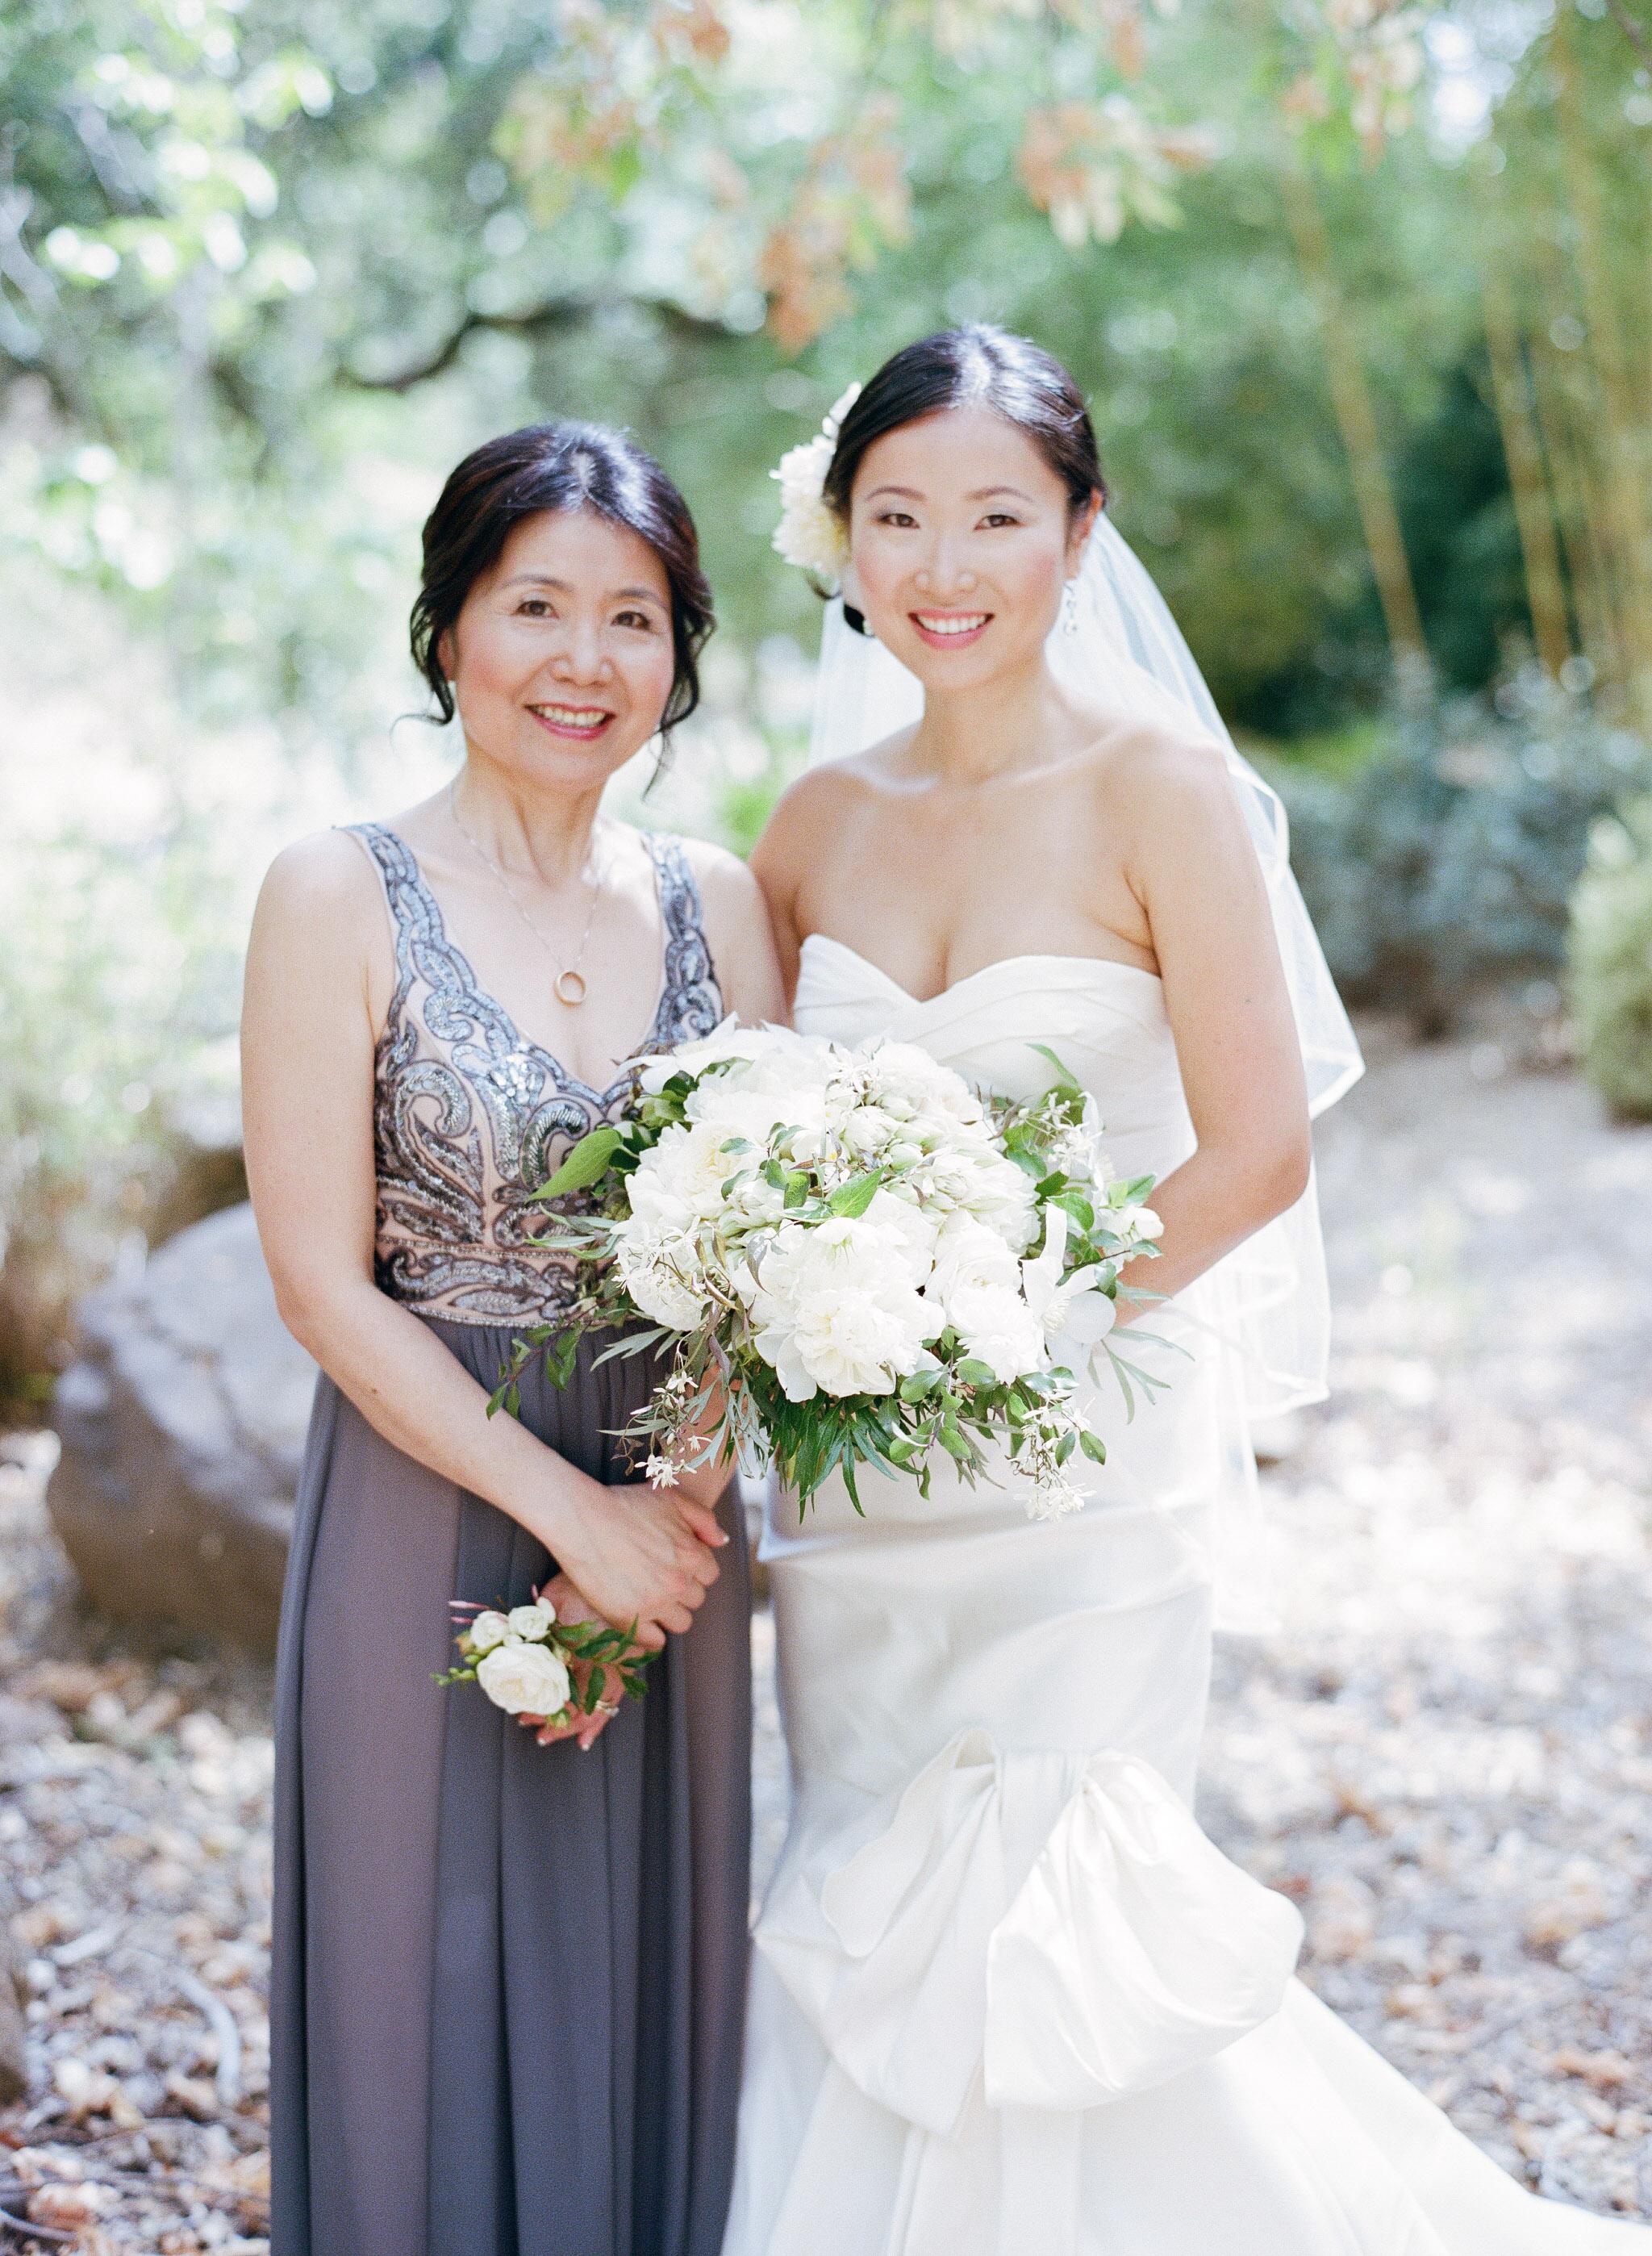 SylvieGil-Bride, Ceremony, Family, film, Groom, Napa, Reception, Wedding, Wedding Party-19.jpg